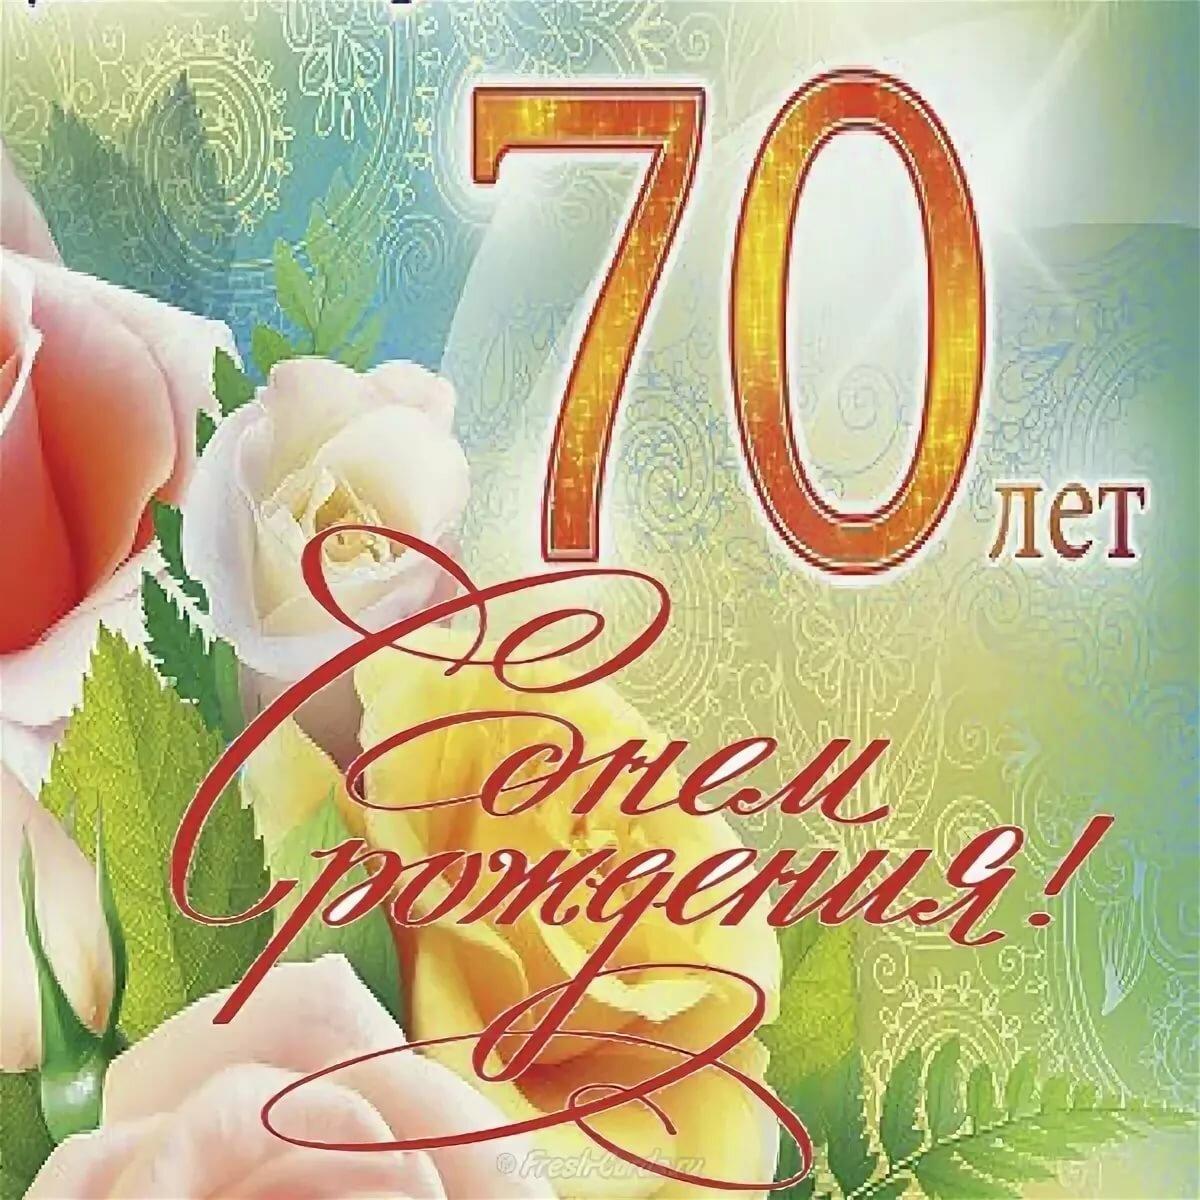 Поздравления с 70 летним юбилеем сестре